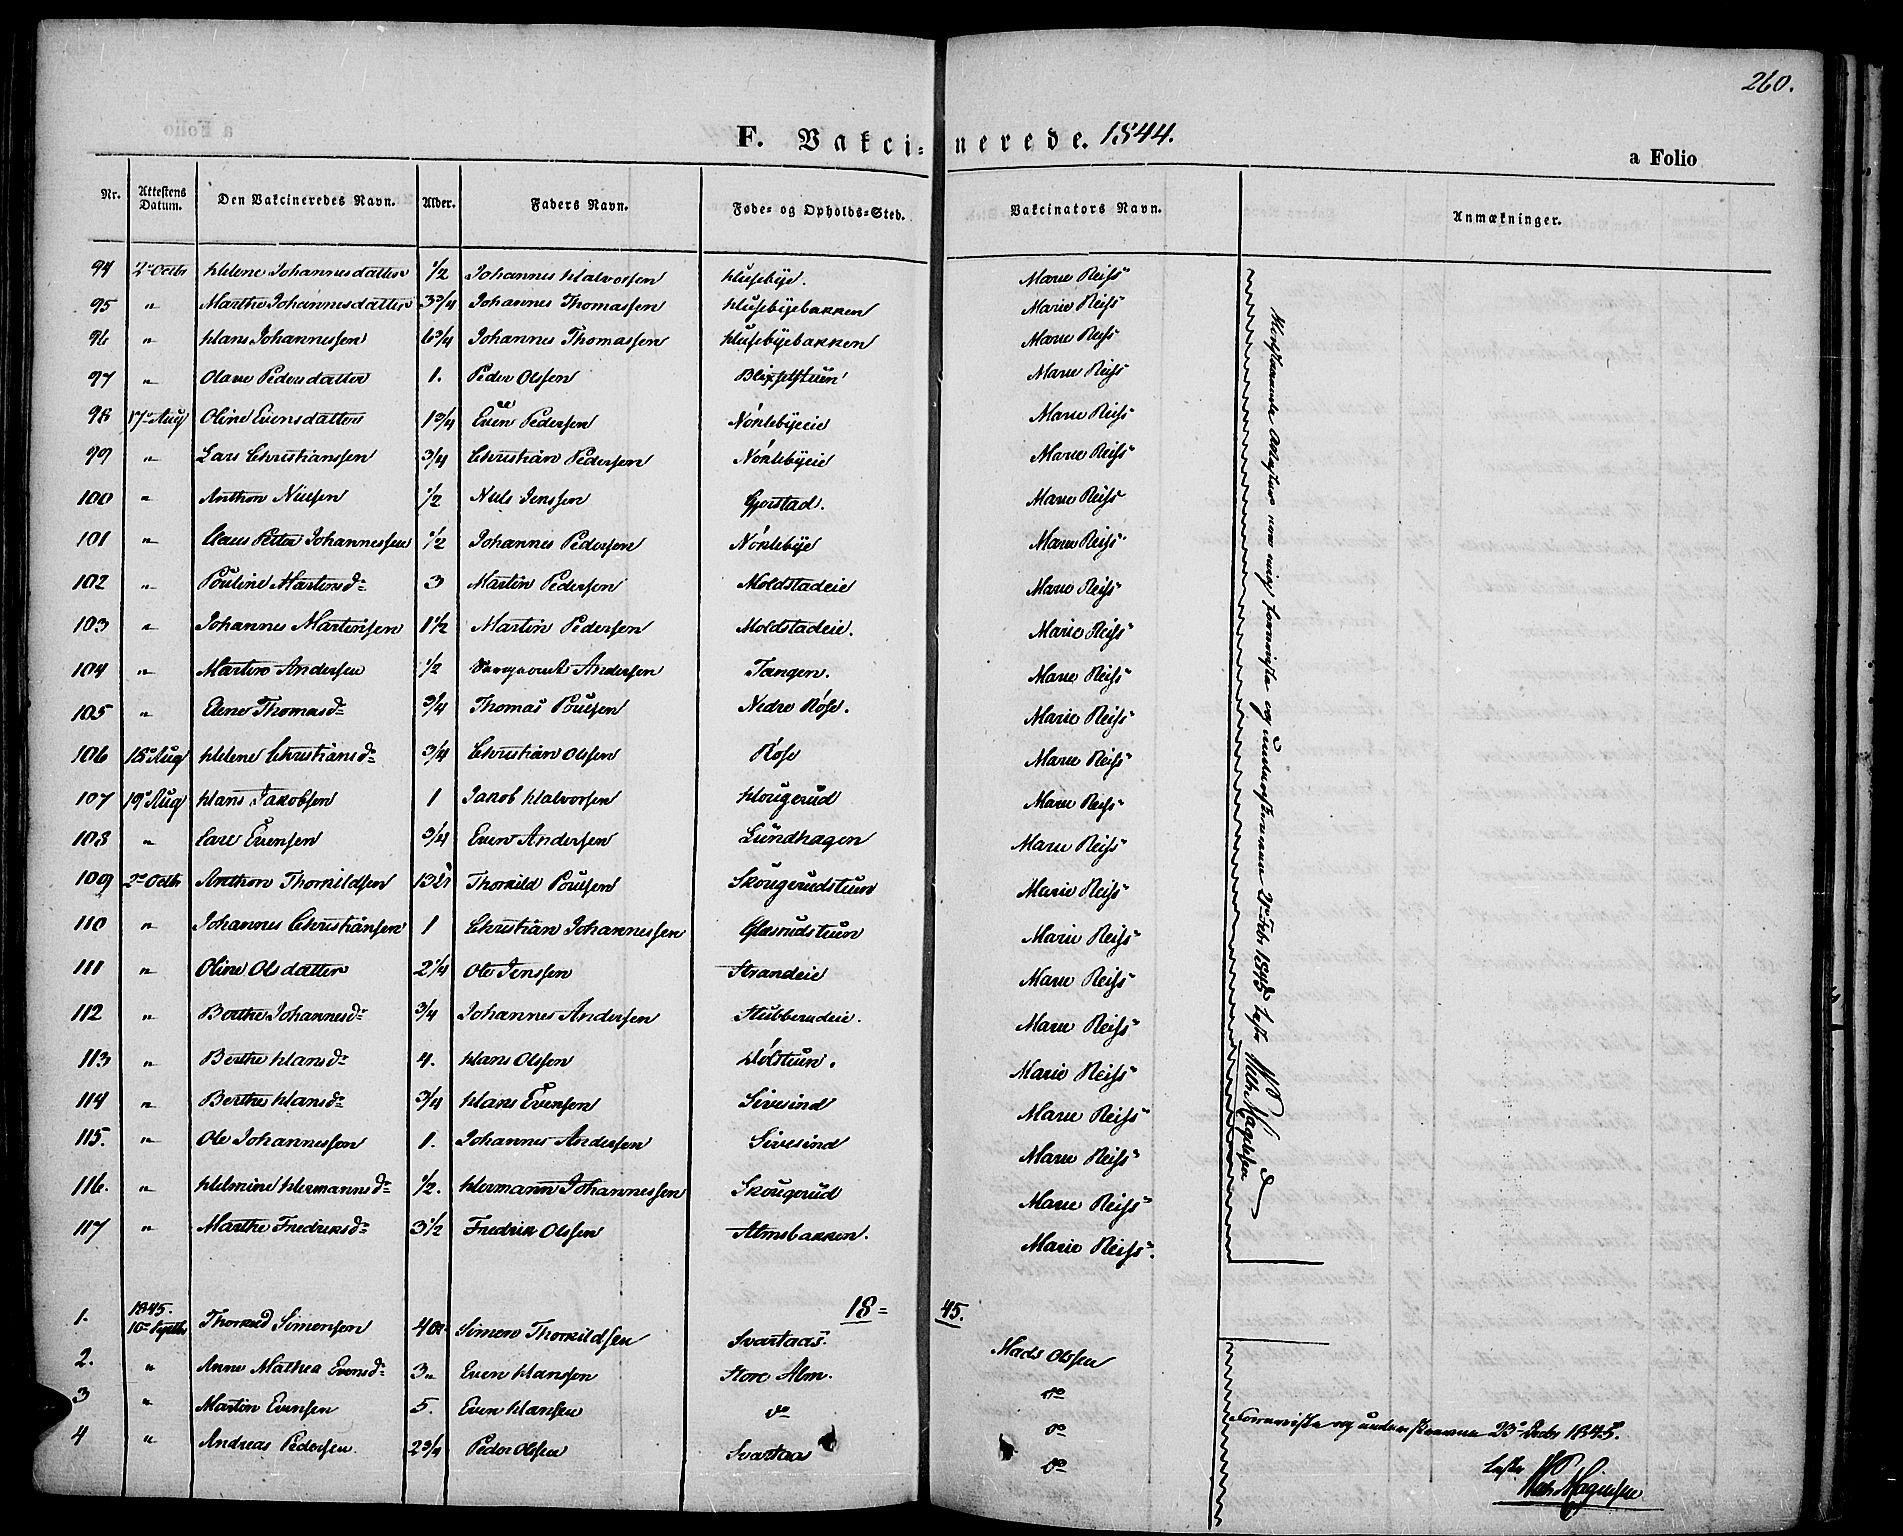 SAH, Vestre Toten prestekontor, Ministerialbok nr. 4, 1844-1849, s. 260